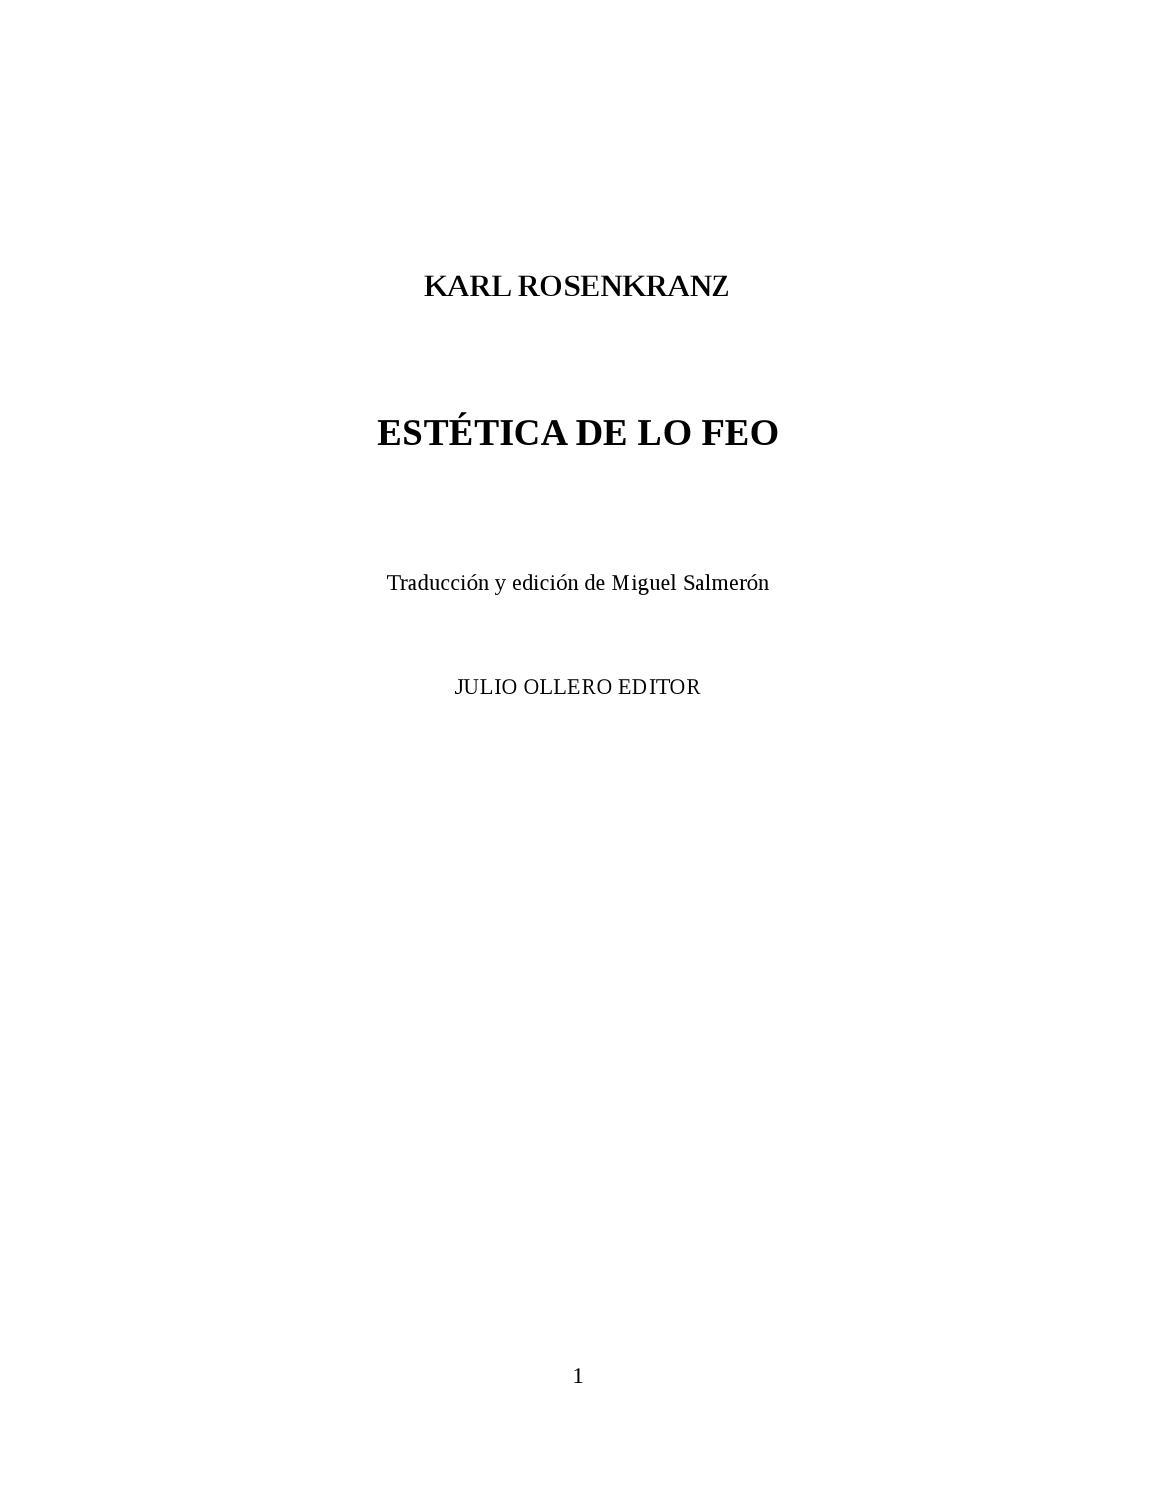 Estética de lo feo by Frank David Aquino Ordinola - issuu